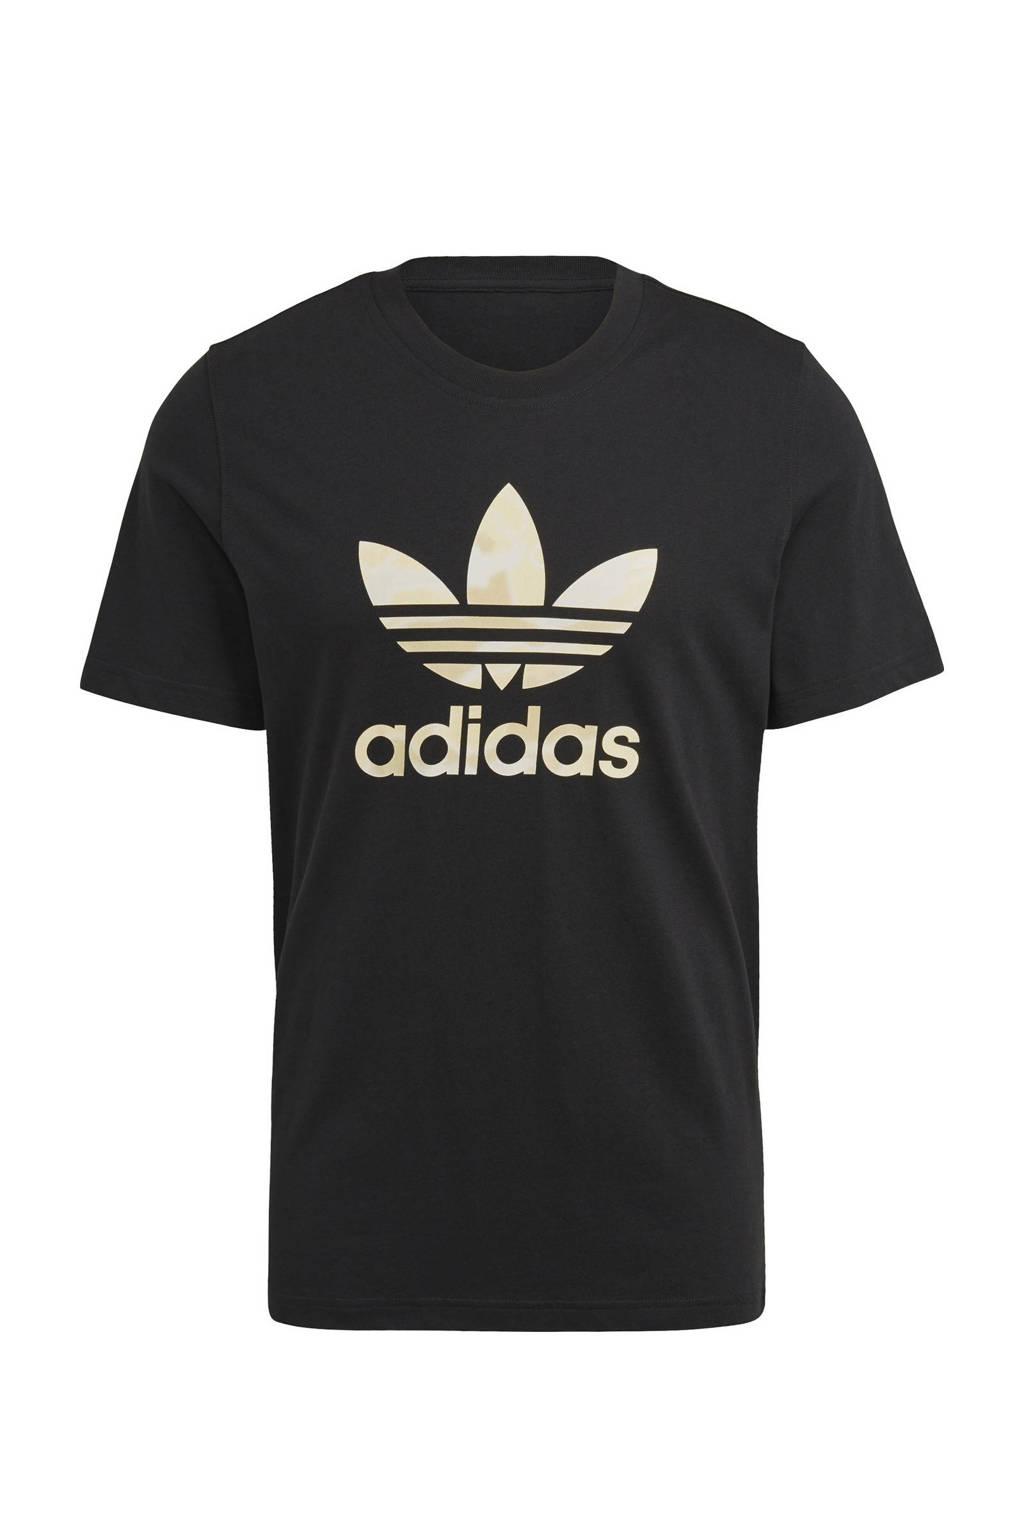 adidas Originals T-shirt zwart/grijs, Zwart/grijs